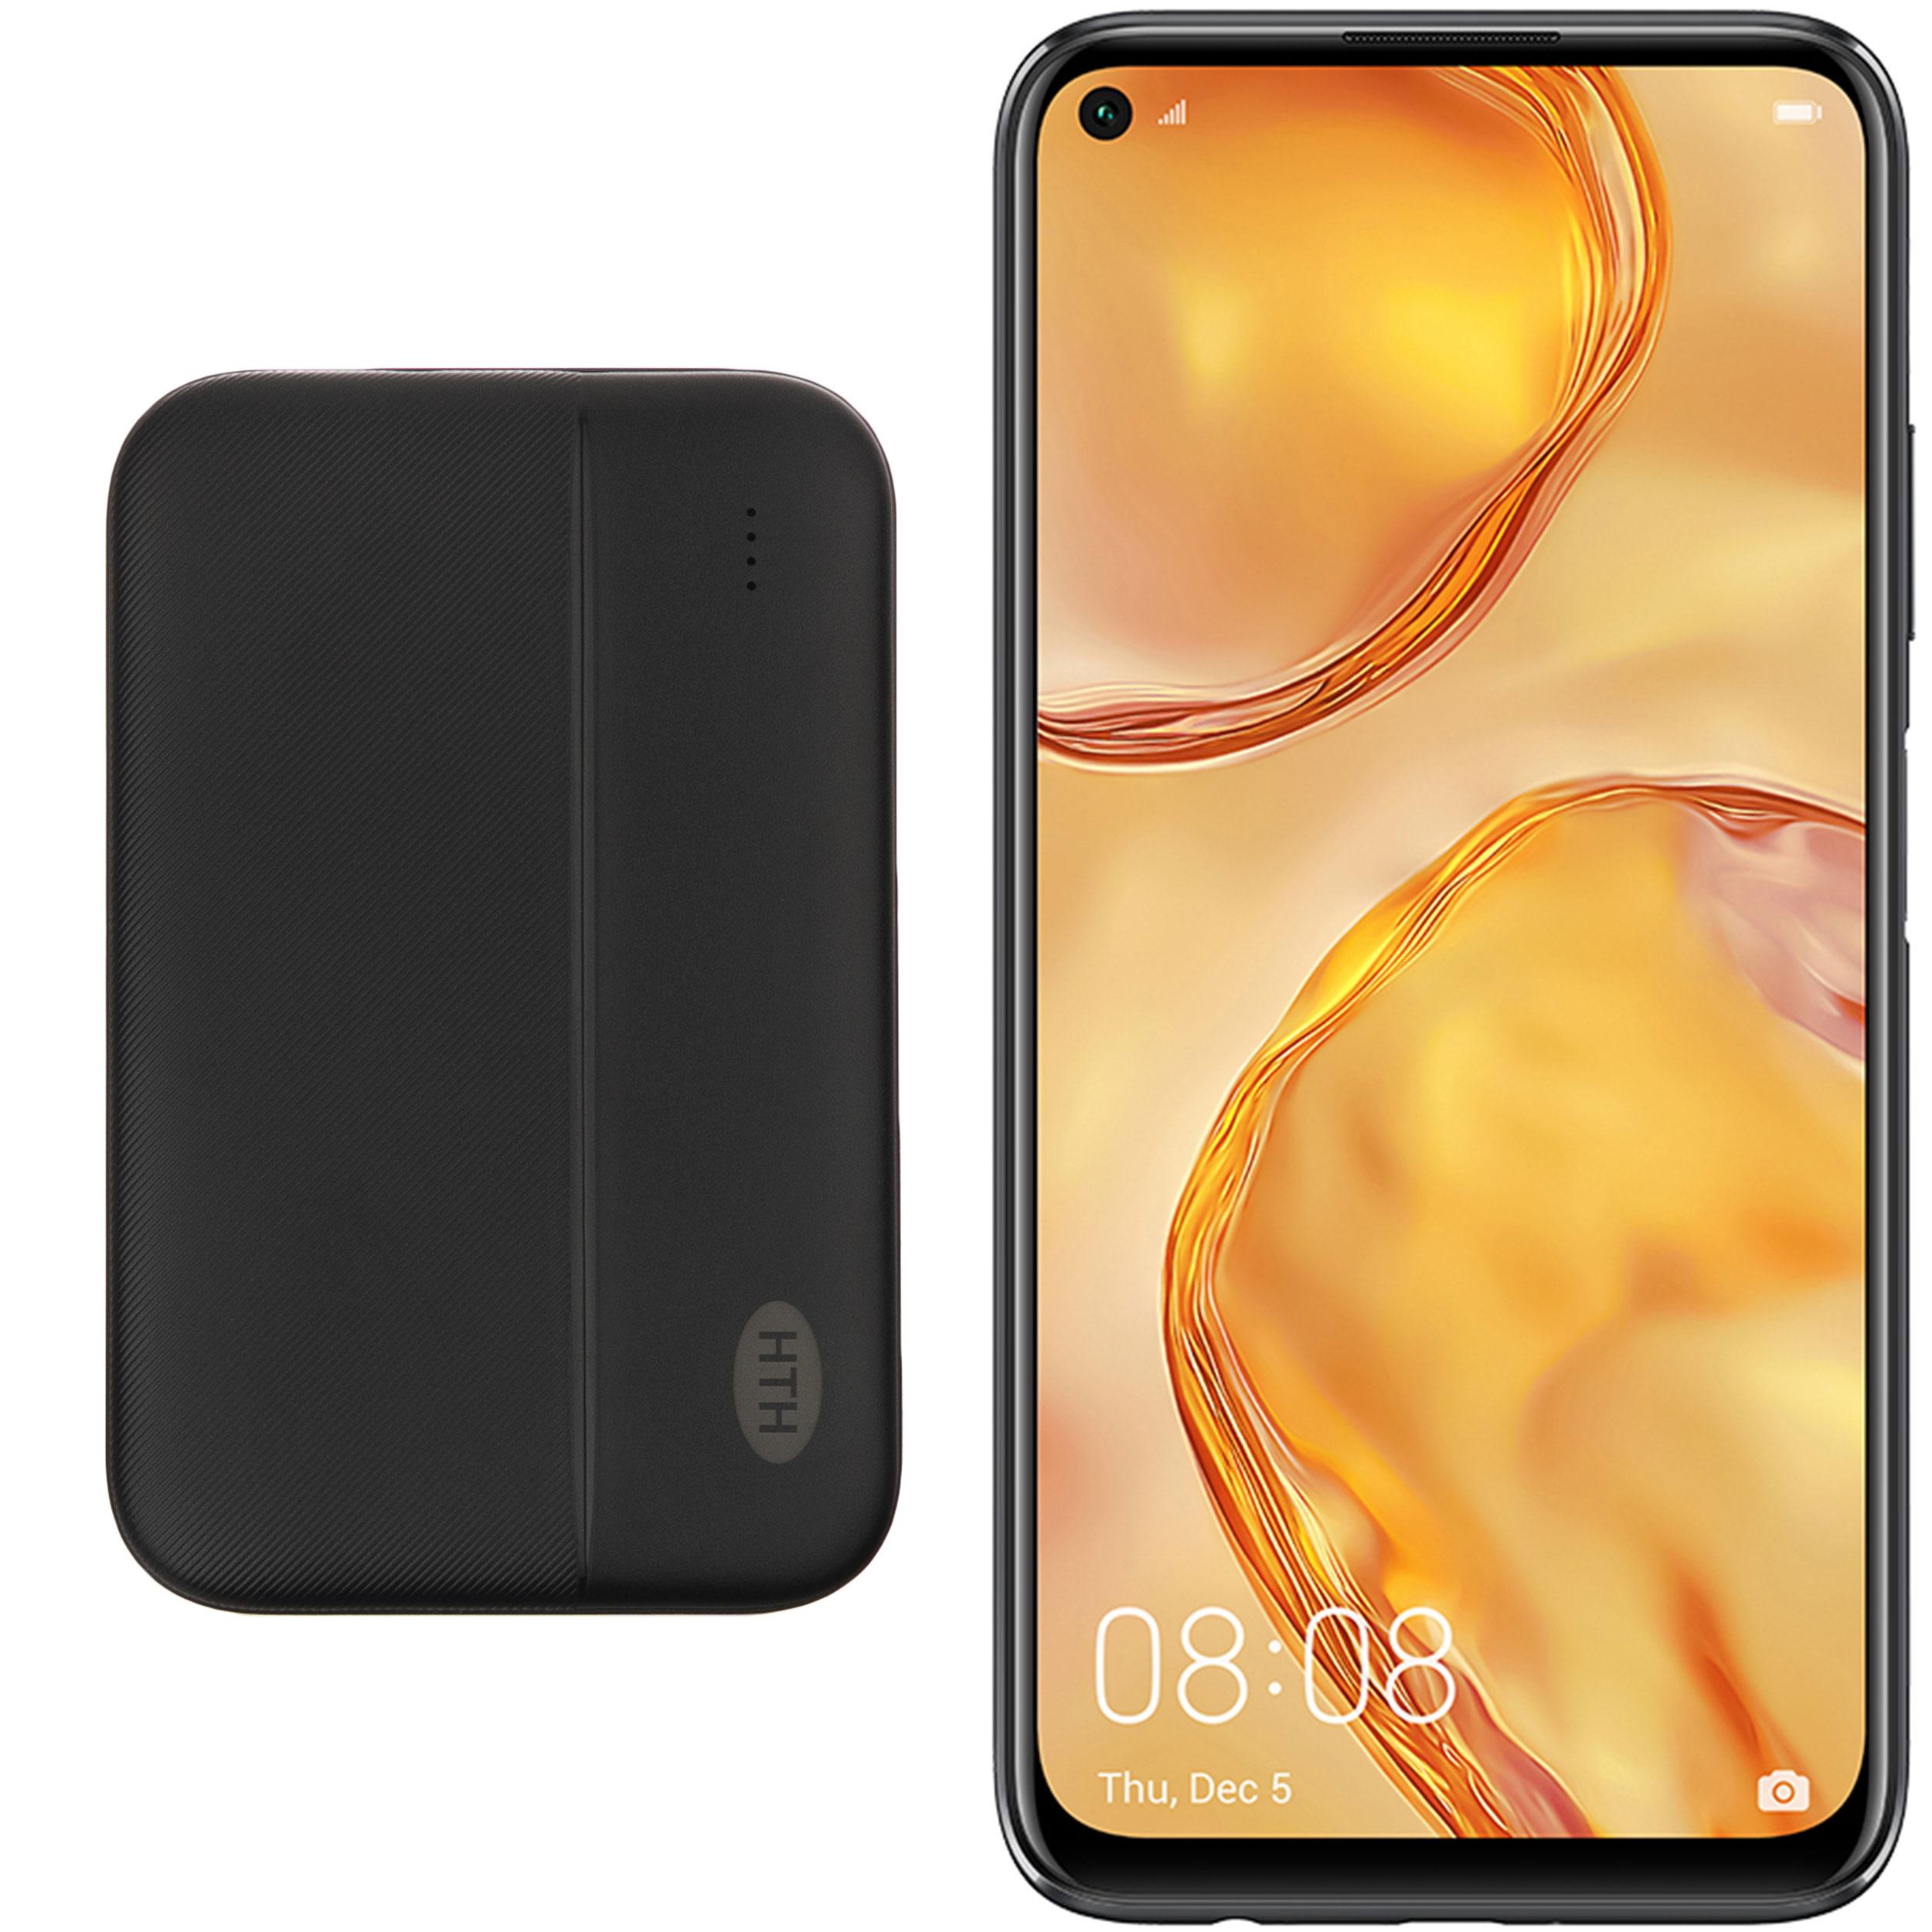 گوشی موبایل هوآوی مدل Nova 7i JNY-LX1 دو سیم کارت ظرفیت 128 گیگابایت و رم 8 گیگابایت به همراه شارژر همراه اچ تی اچ مدل H5000 ظرفیت باتری 5000 میلی آمپر ساعت